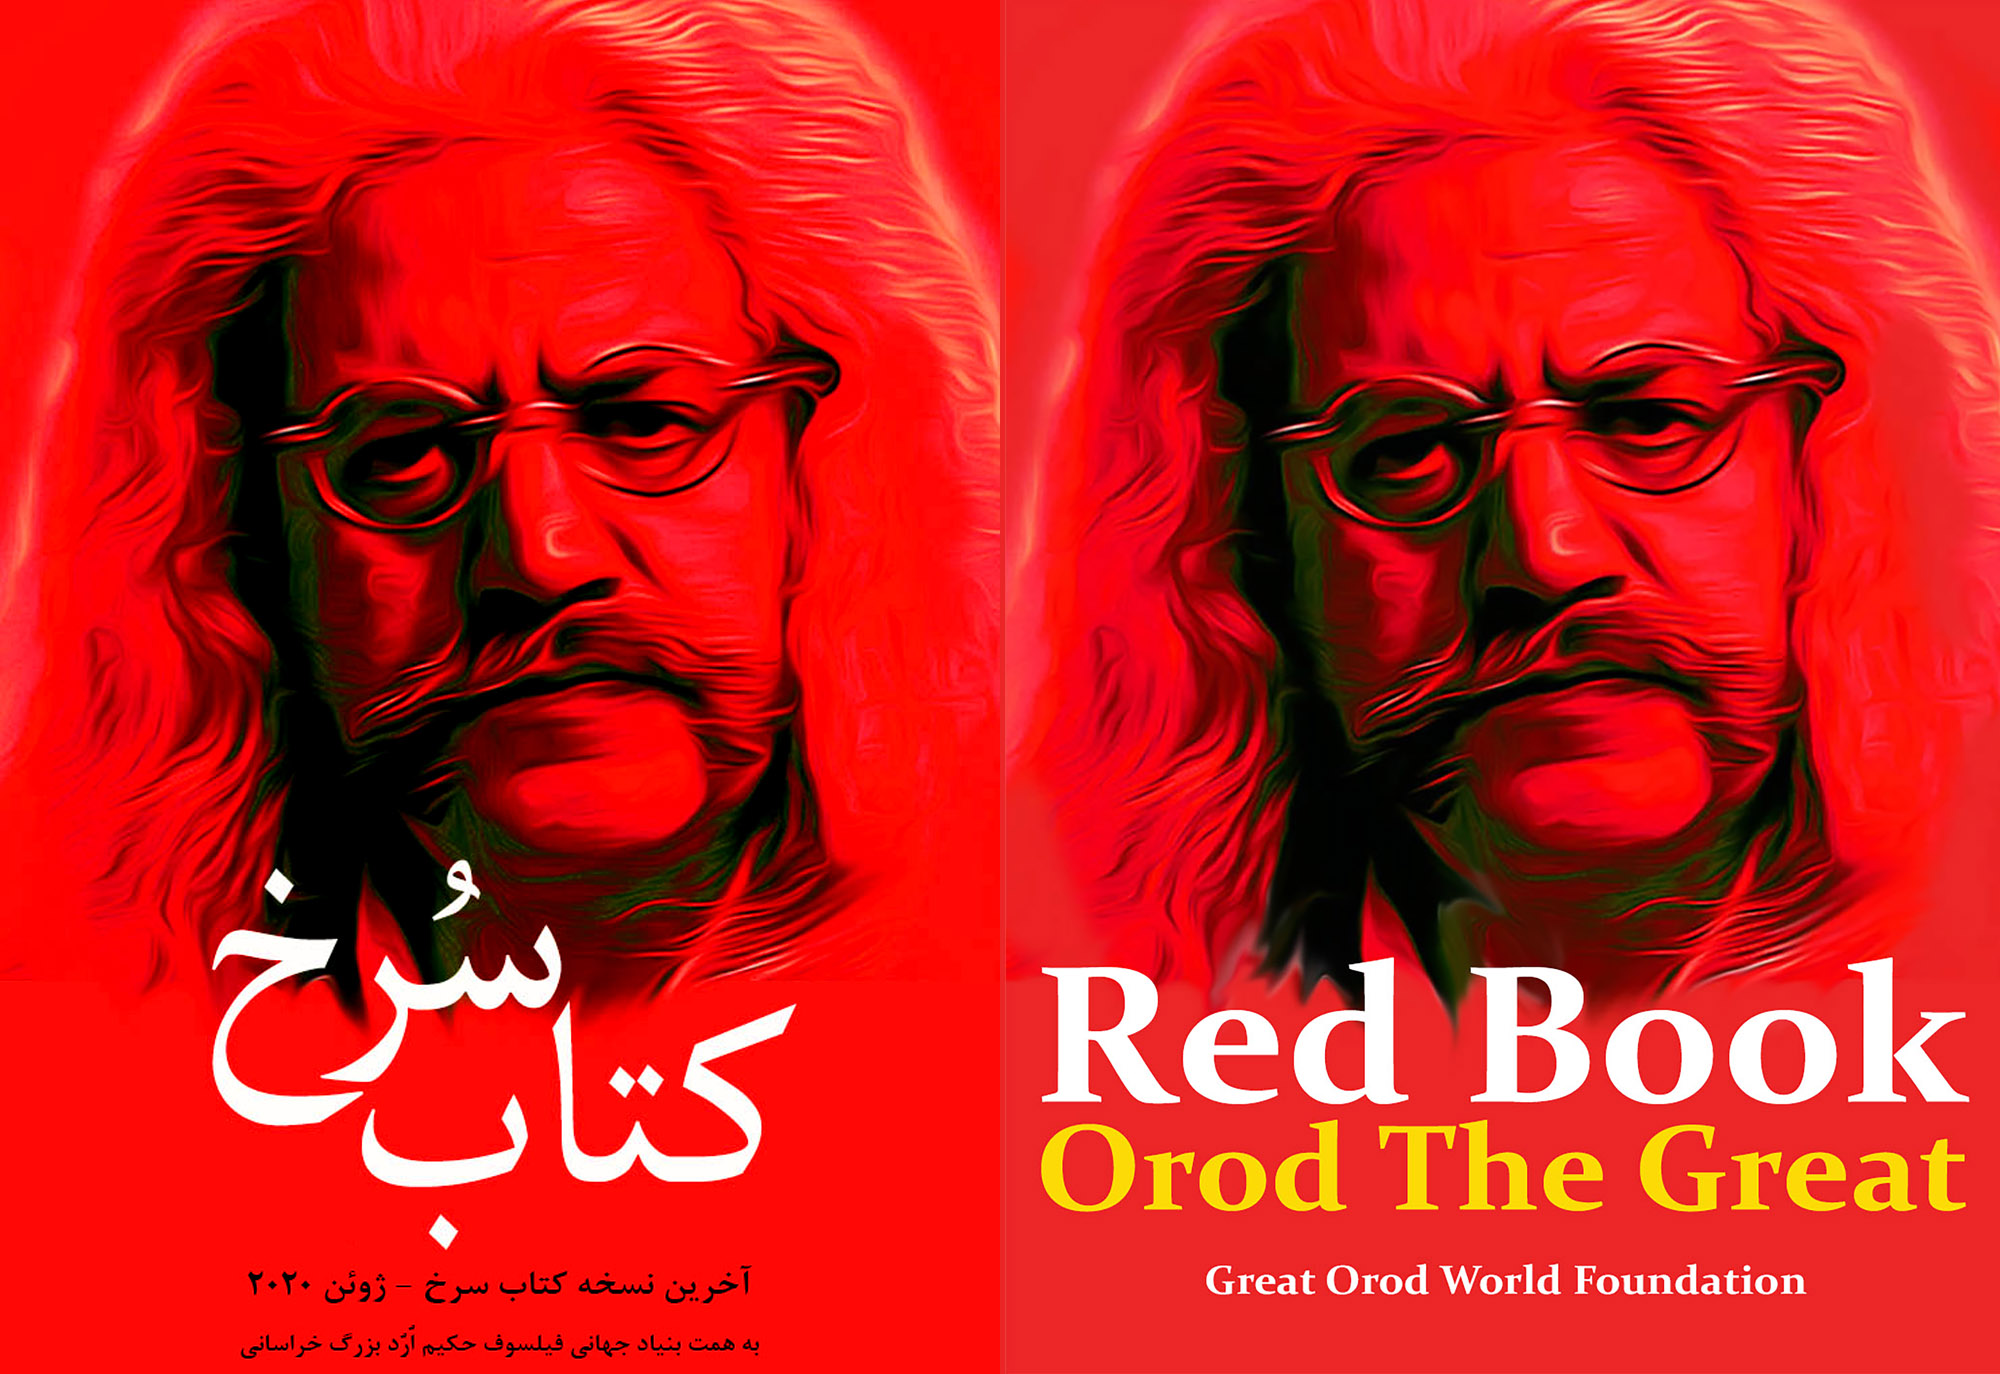 جملات ناب استاد فیلسوف حکیم اُرُد بزرگ خراسانی بنیانگذار فلسفه اُرُدیسم Red_book_Japan